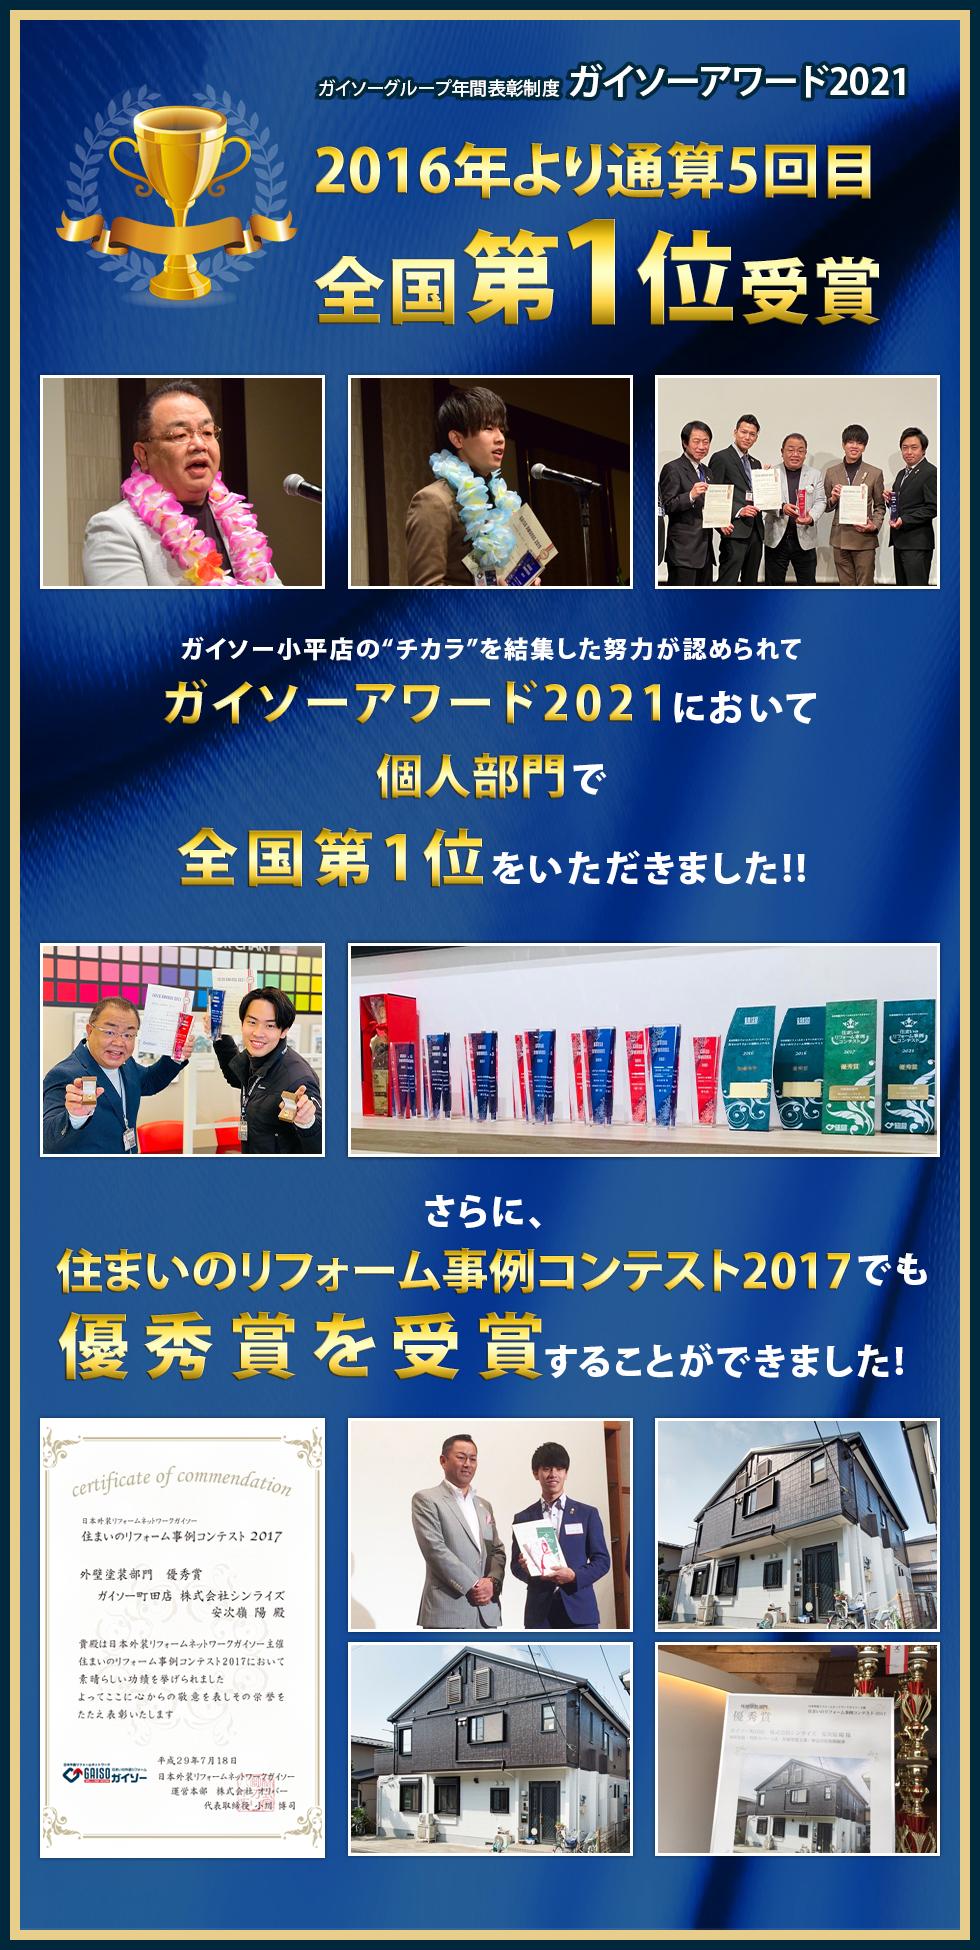 """ガイソー町田店・小平店・調布店の""""チカラ""""を結集した努力が認められました!"""